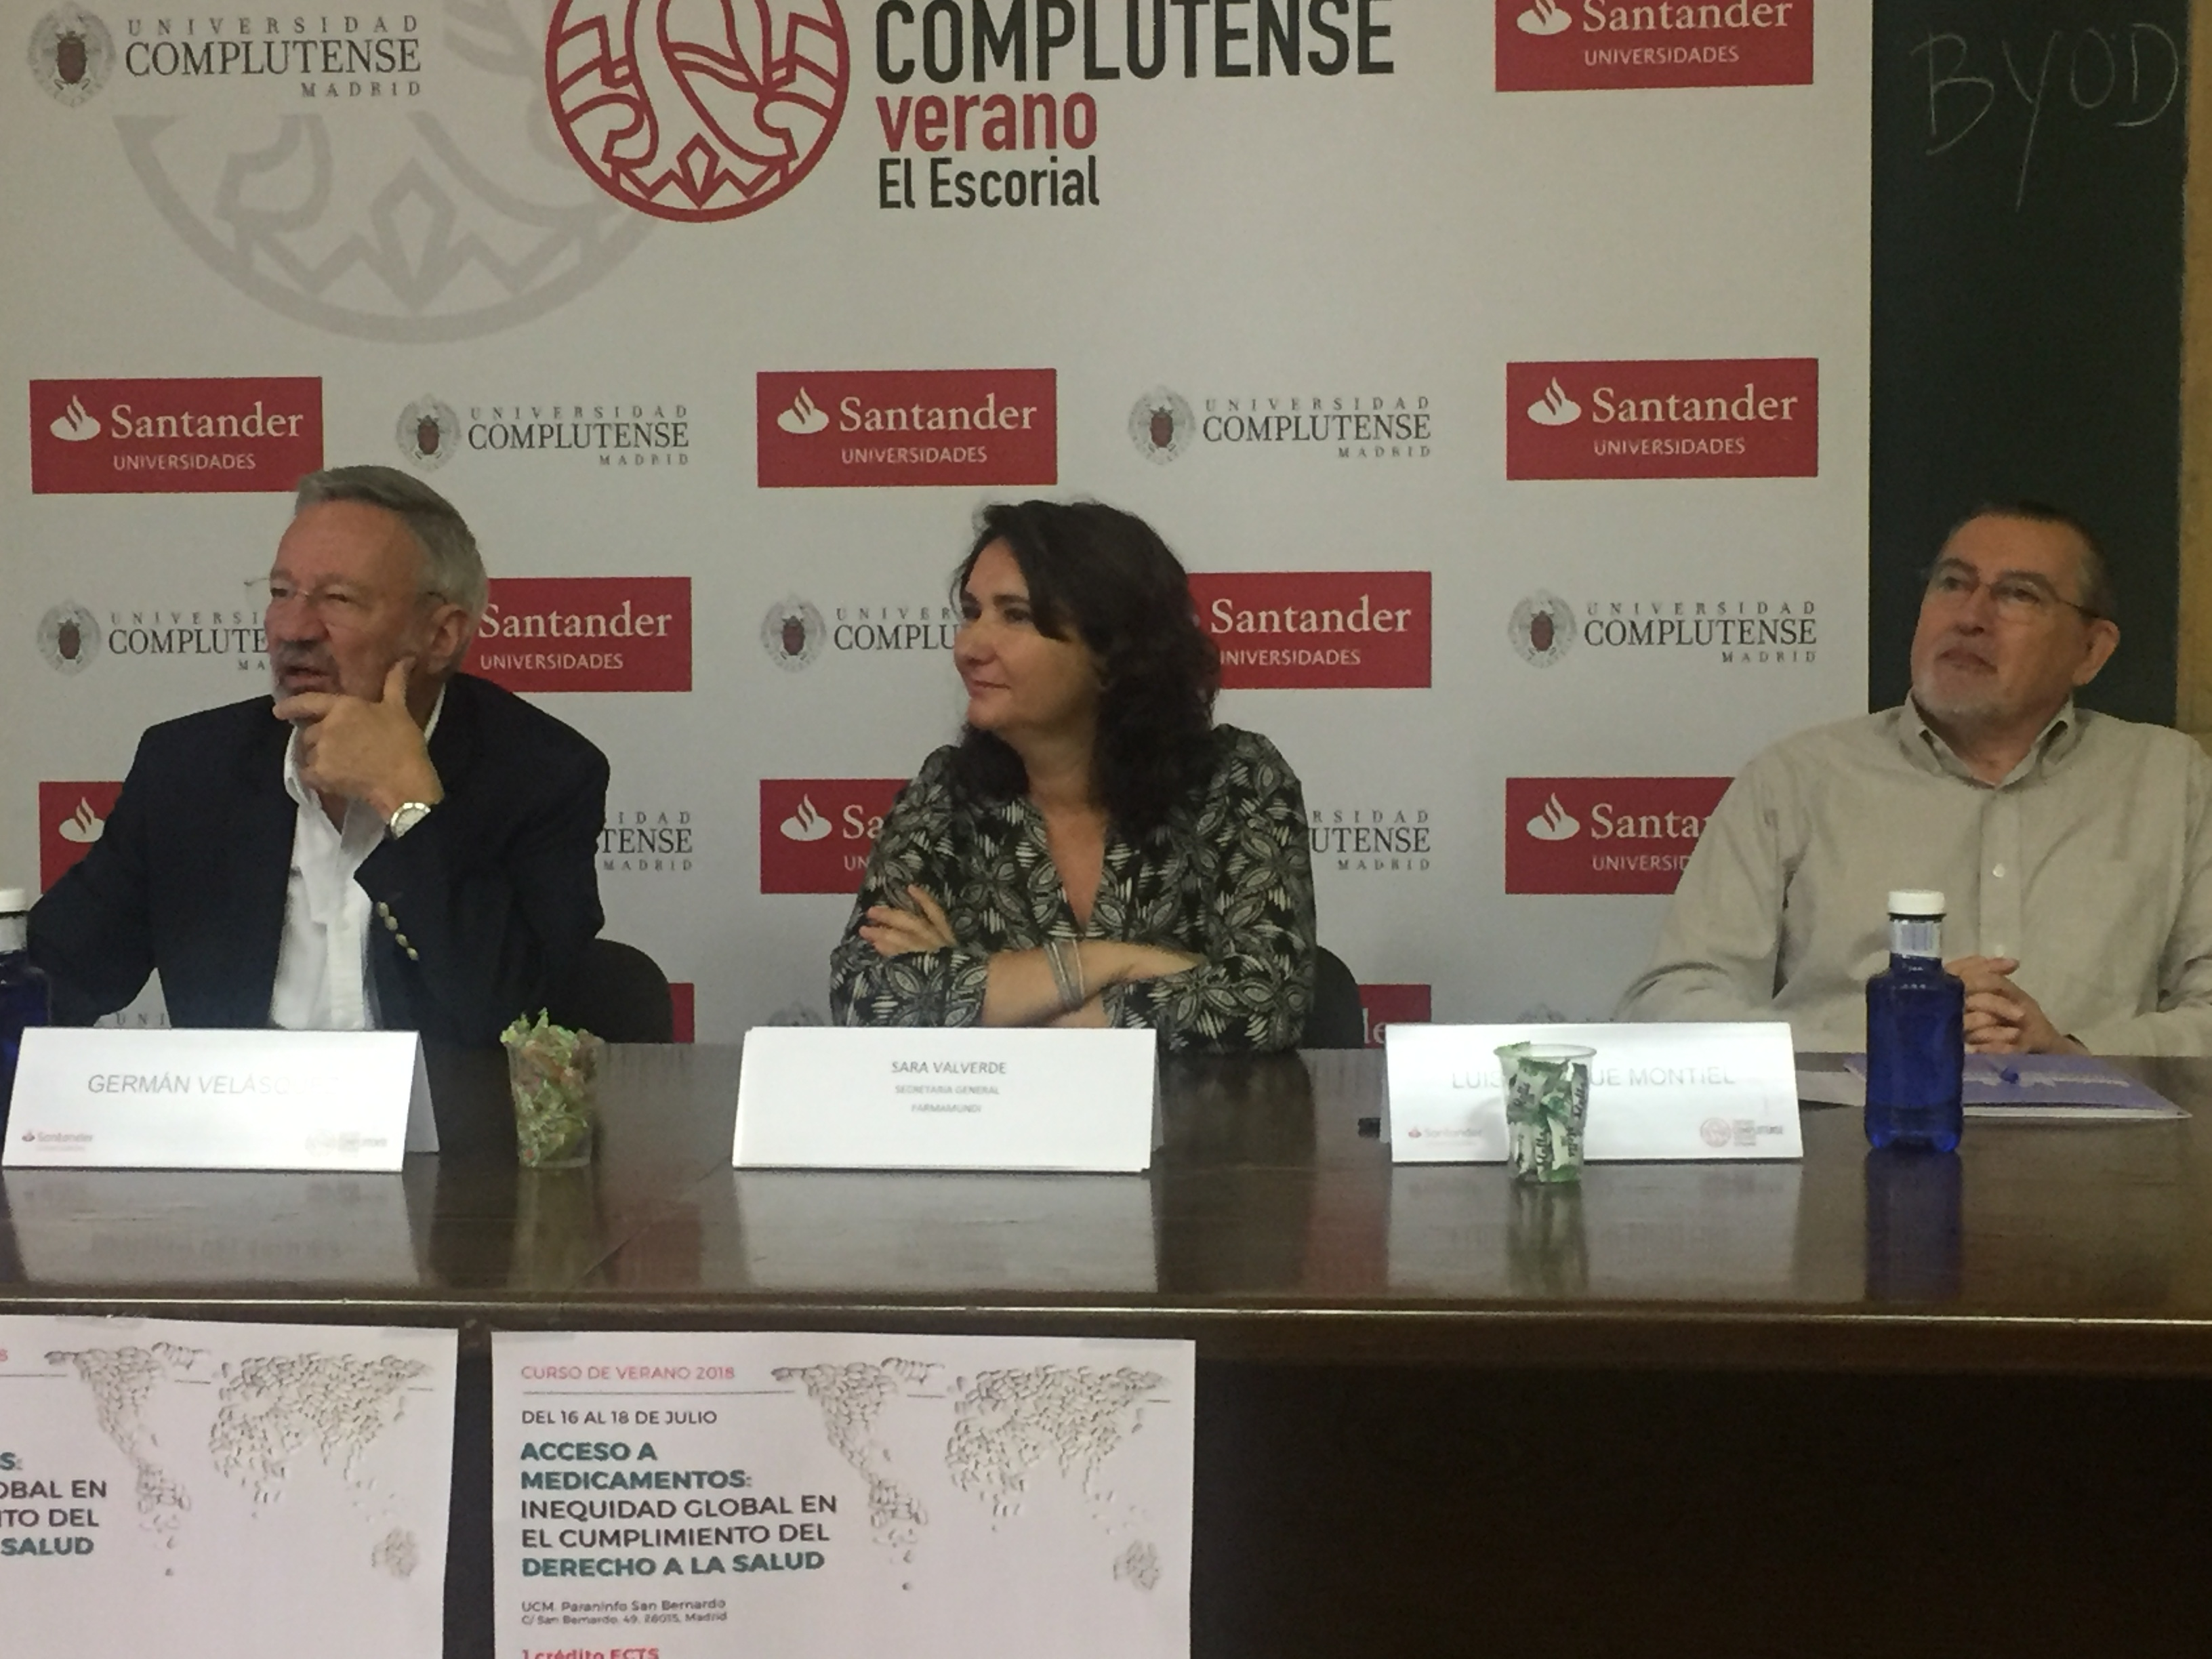 Más de dos millones de personas en España no pudieron comprar en 2017 sus medicamentos recetados